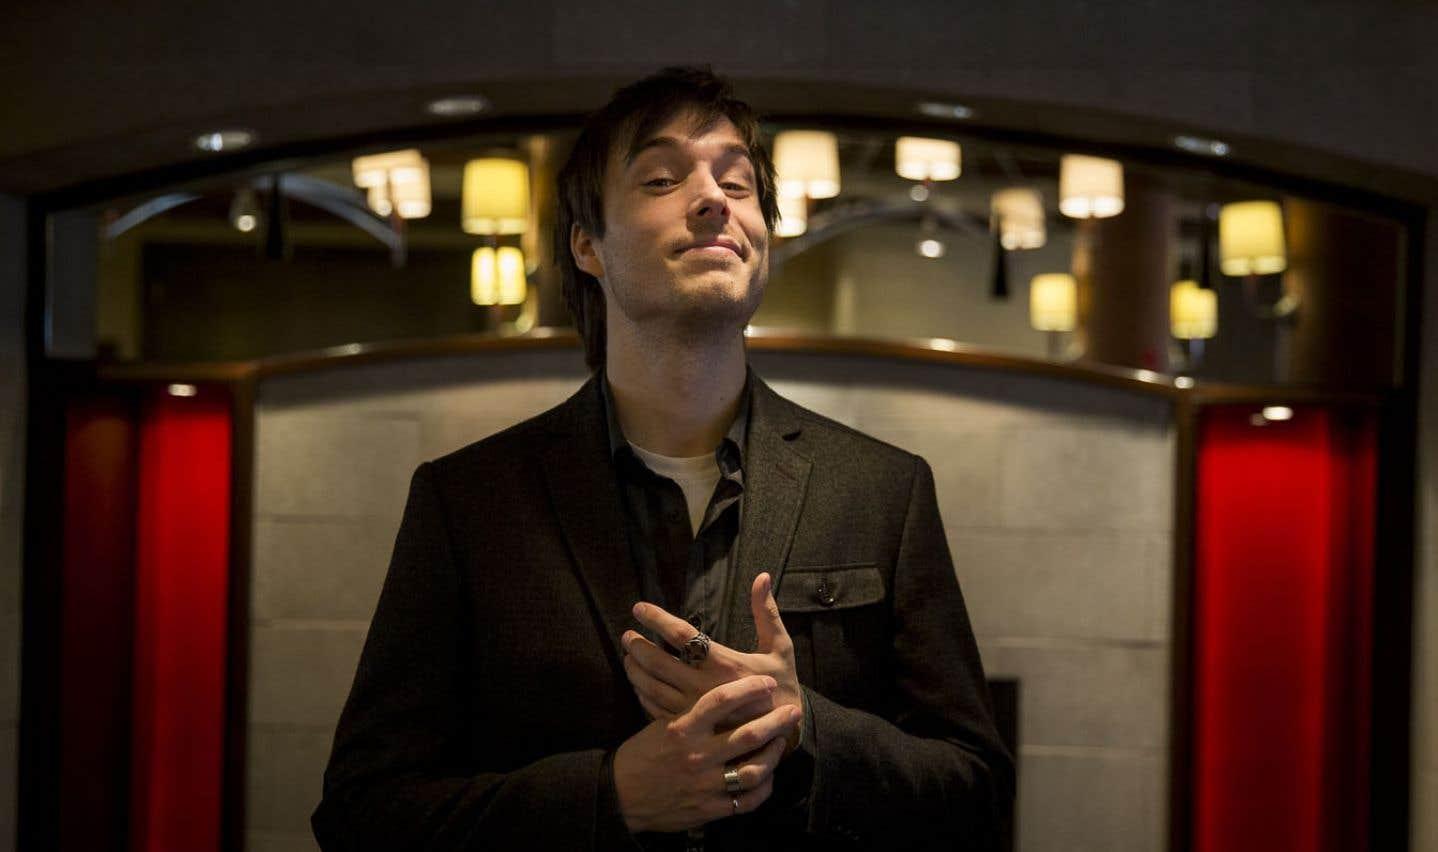 «J'aime bien mettre en évidence les fondements scientifiques de la magie. À mes yeux, cela lui donne ses lettres de noblesse », déclare Luc Langevin.